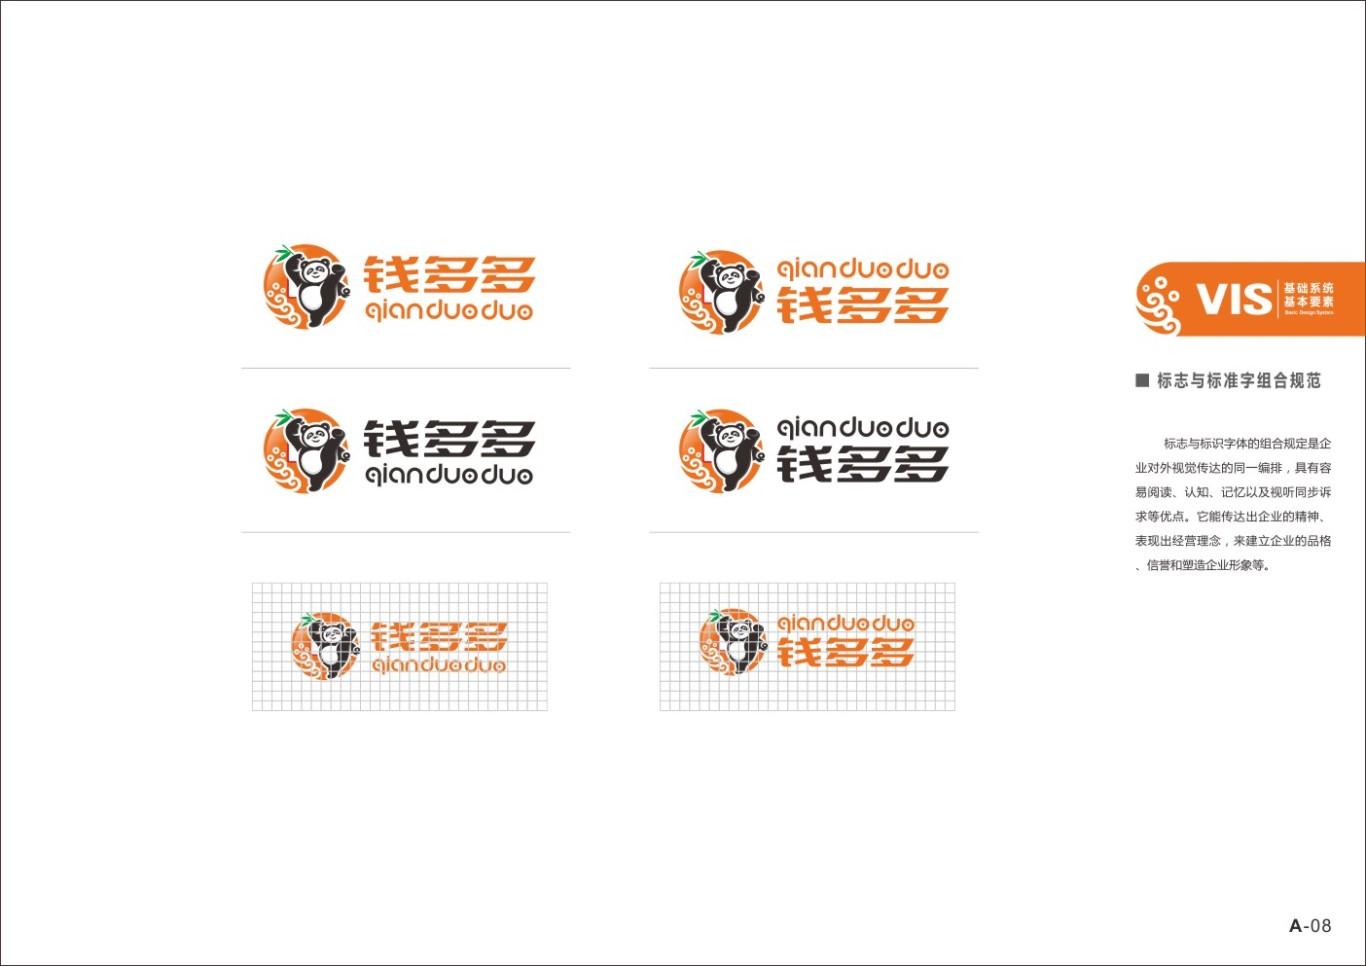 四川广融钱多多品牌及VI形象设计图10